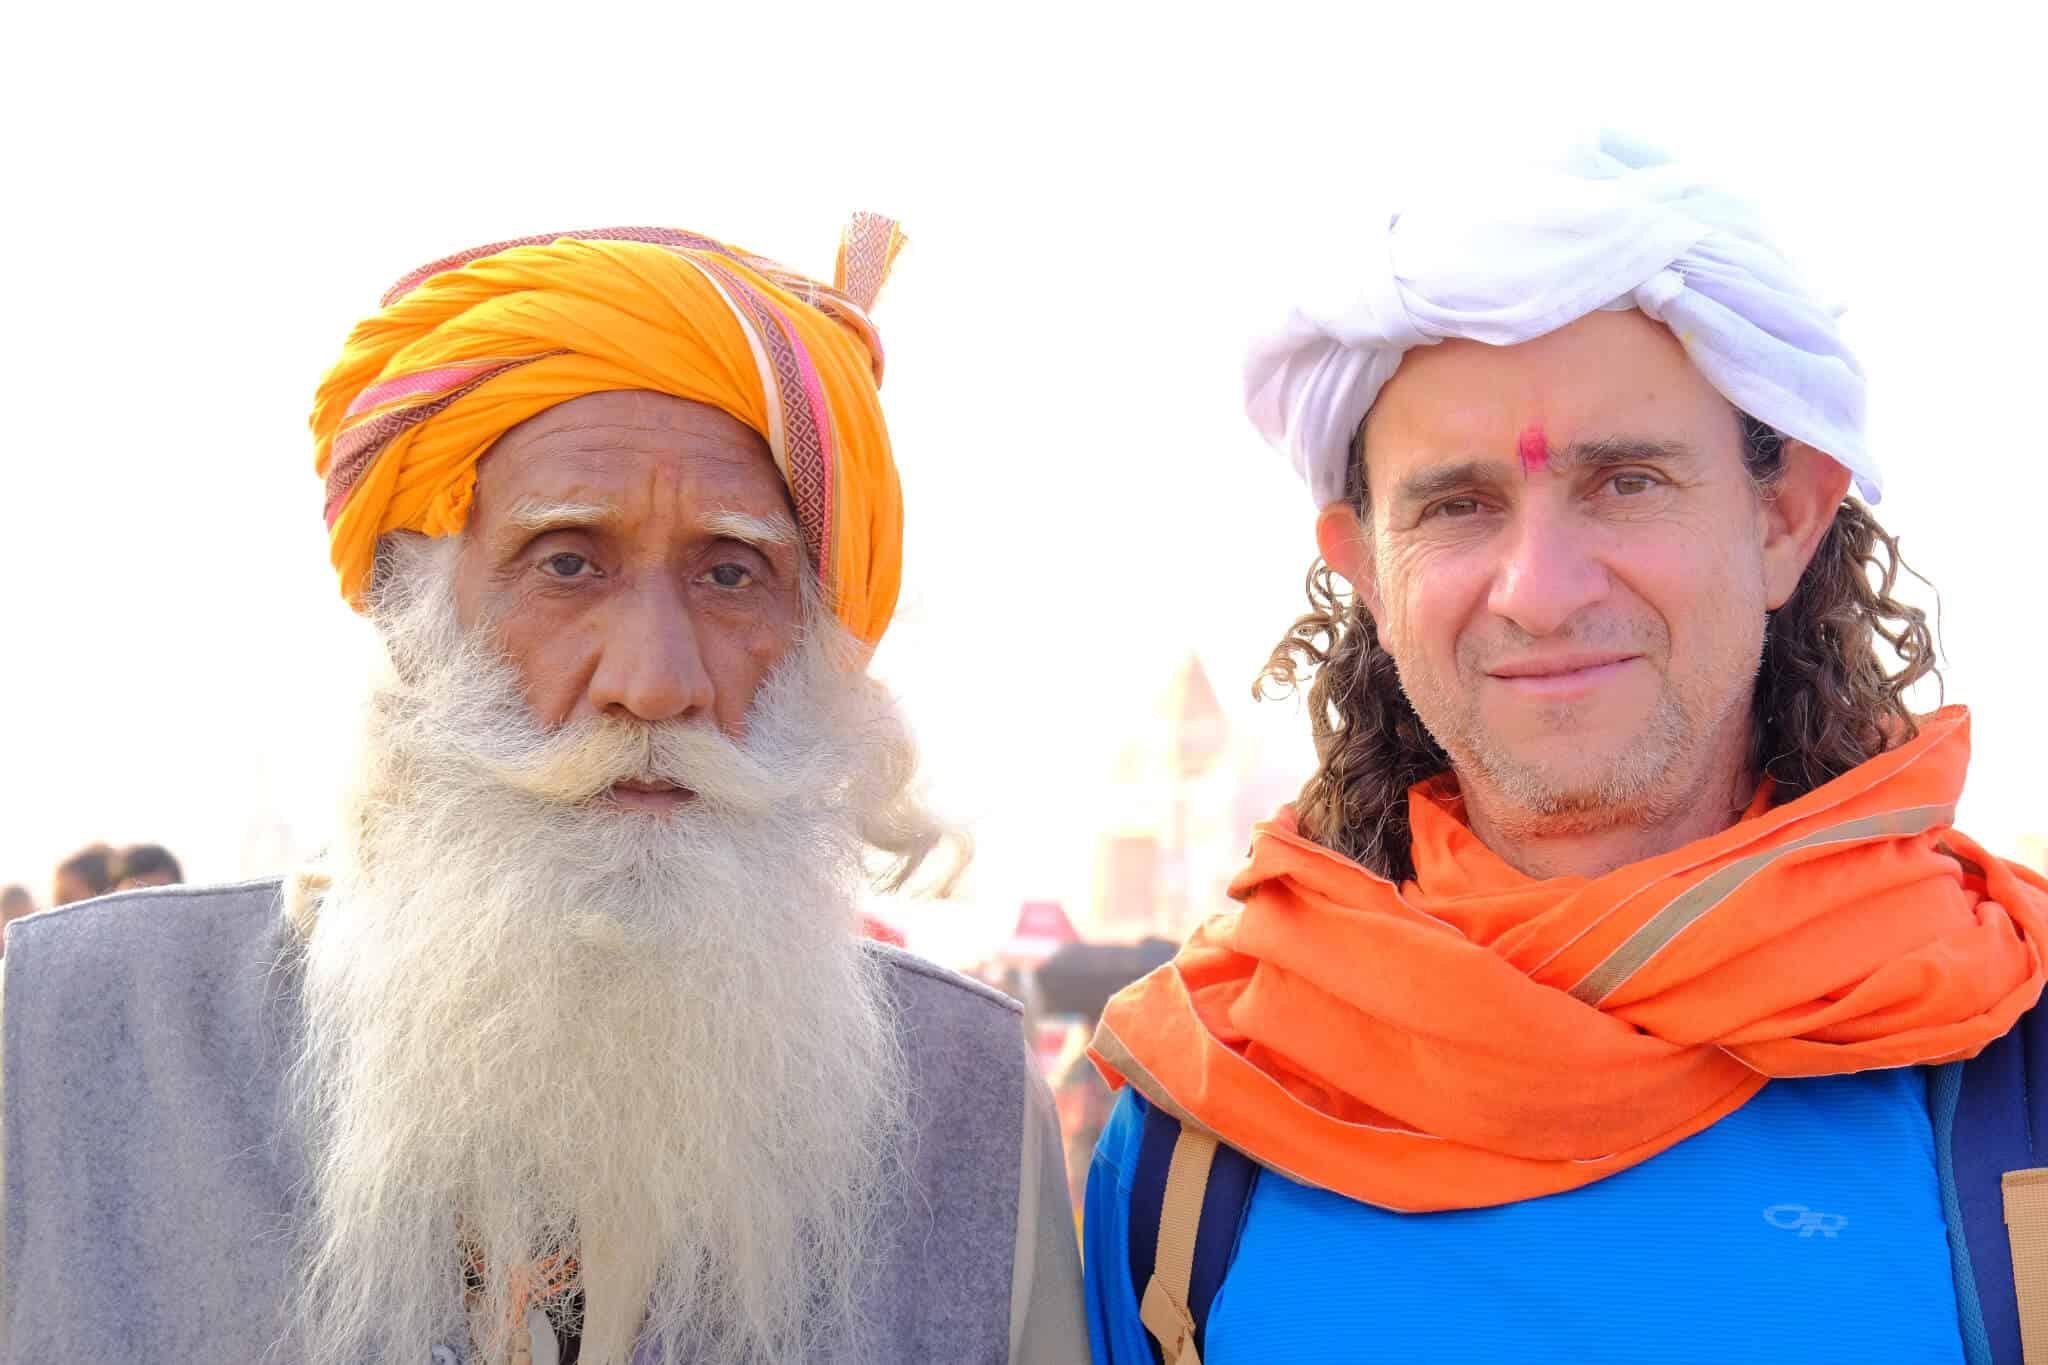 מסע-ריטריט לדרום הודו 23.1.20 - 6.2.20